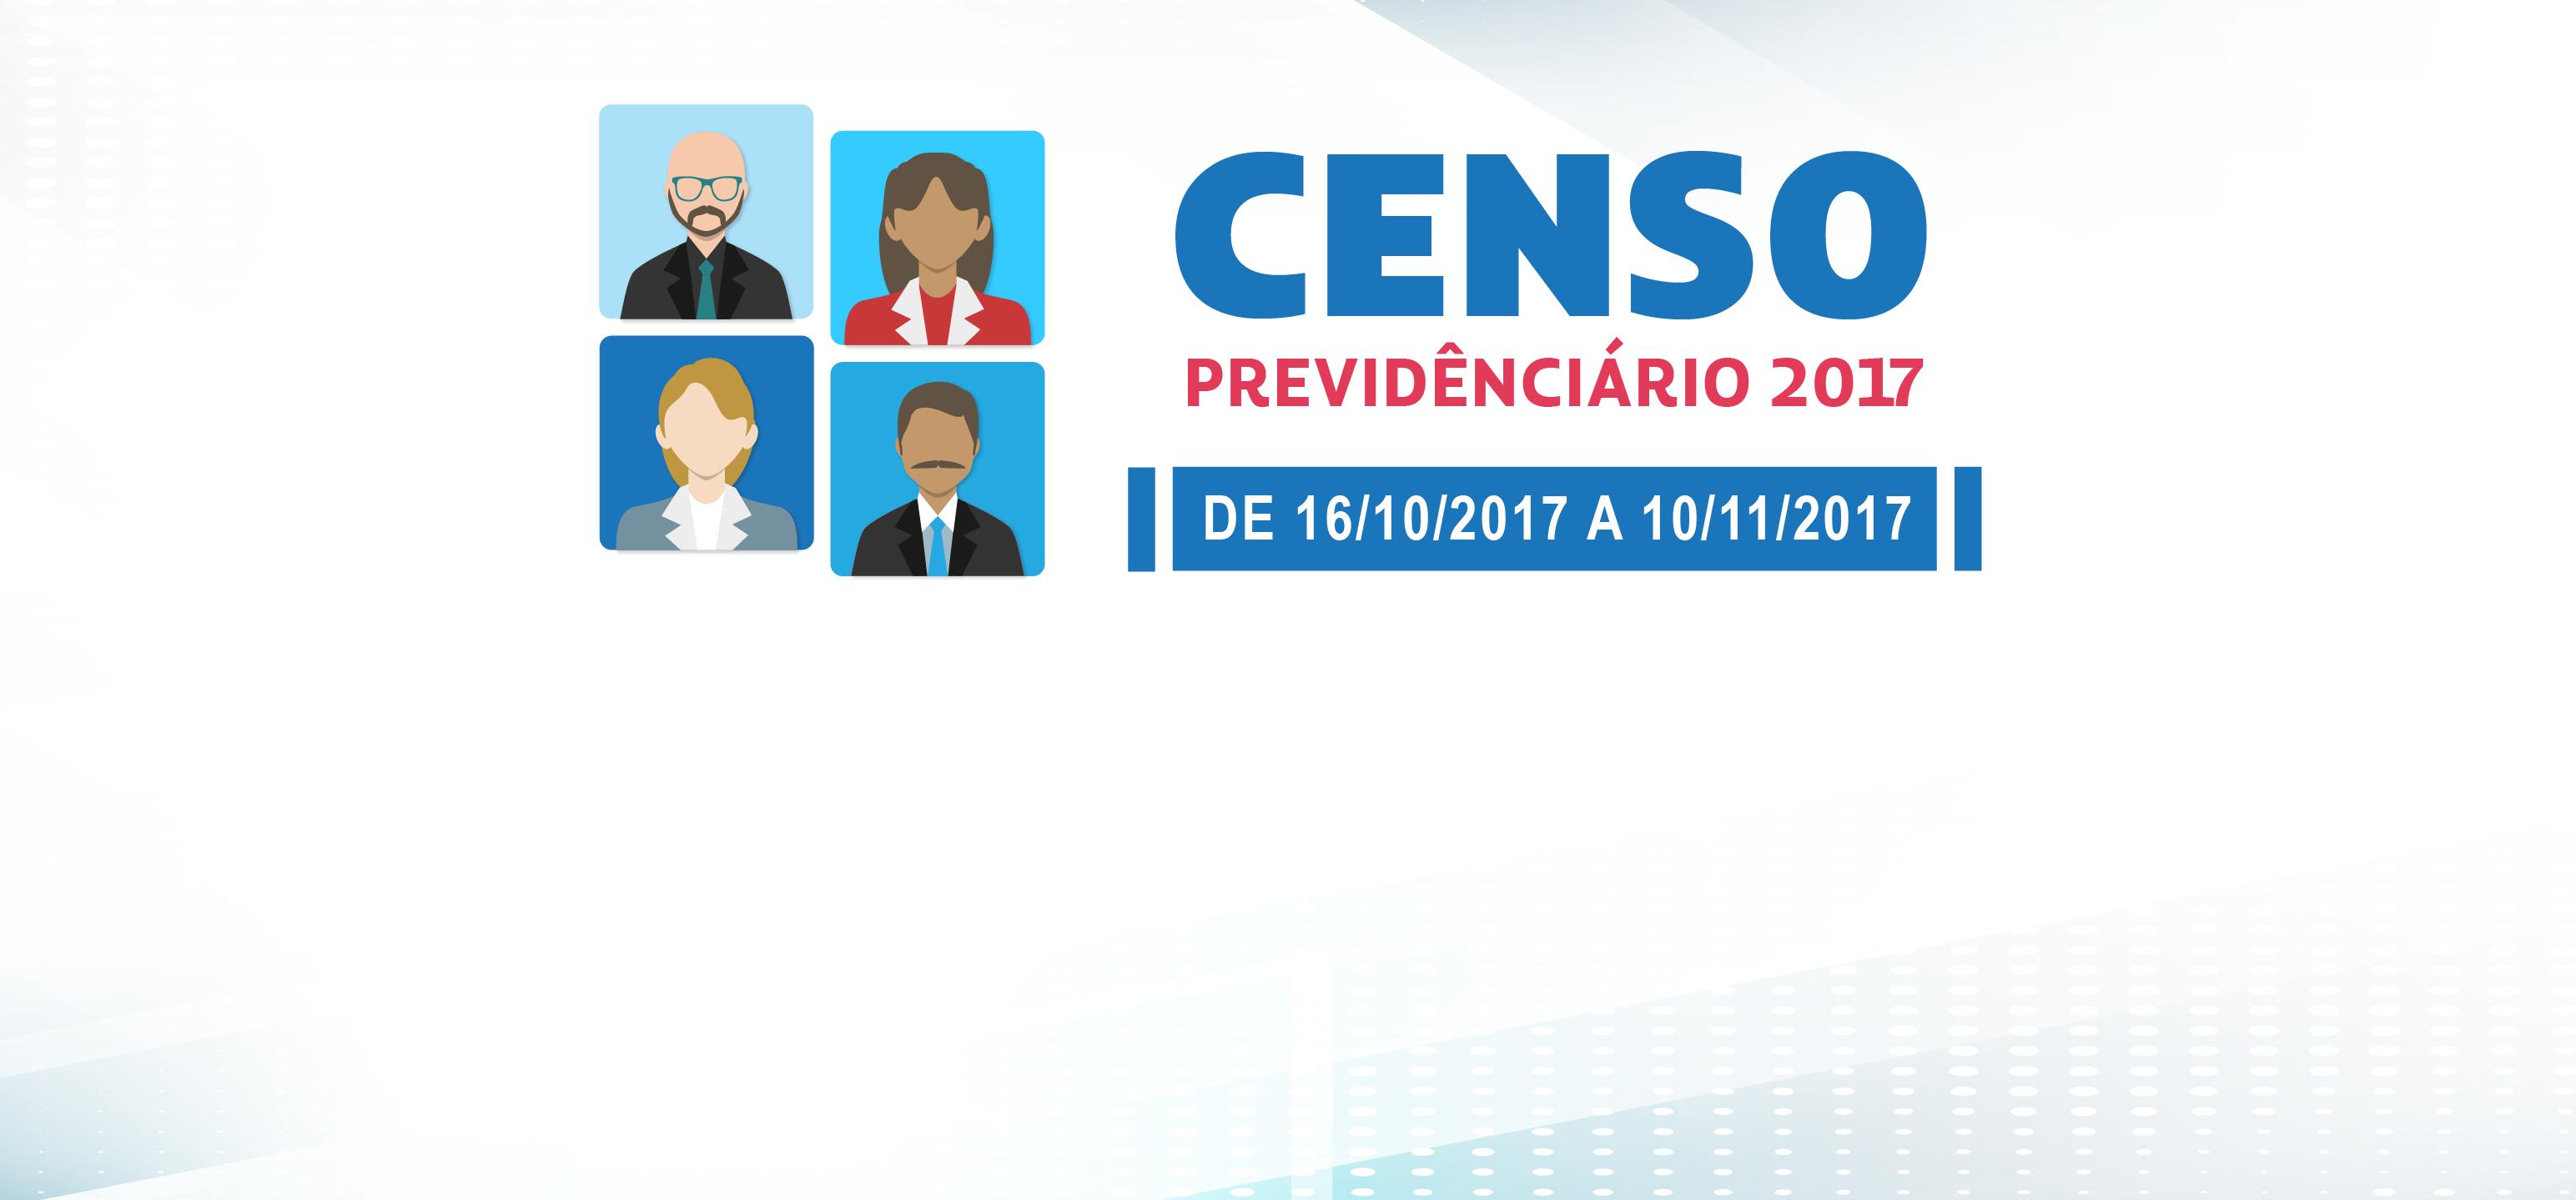 São Gonçalo realiza Censo Previdenciário a partir de segunda